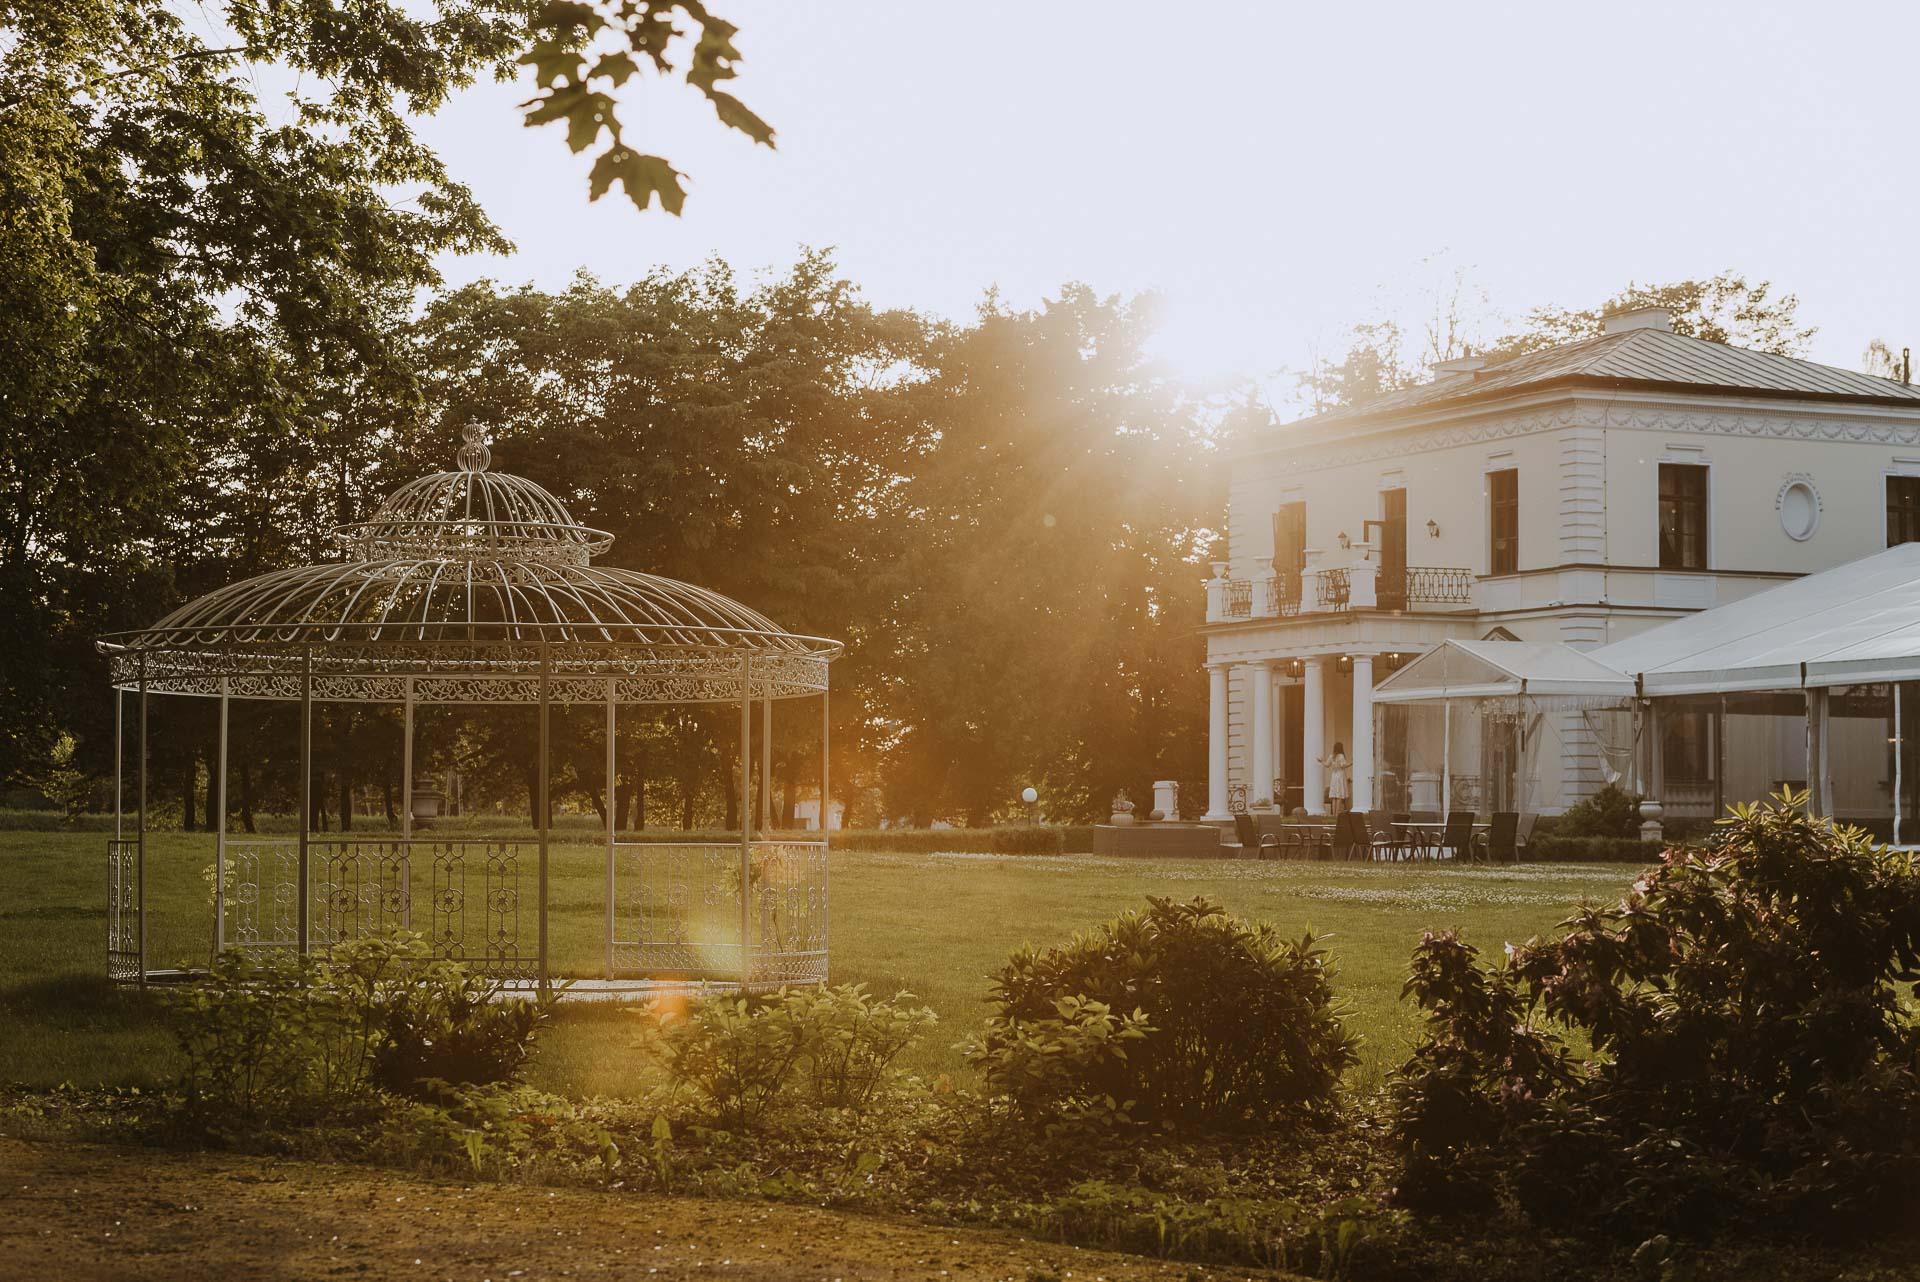 Pałac Rozalin – stylowe miejsce wokolicach Warszawy